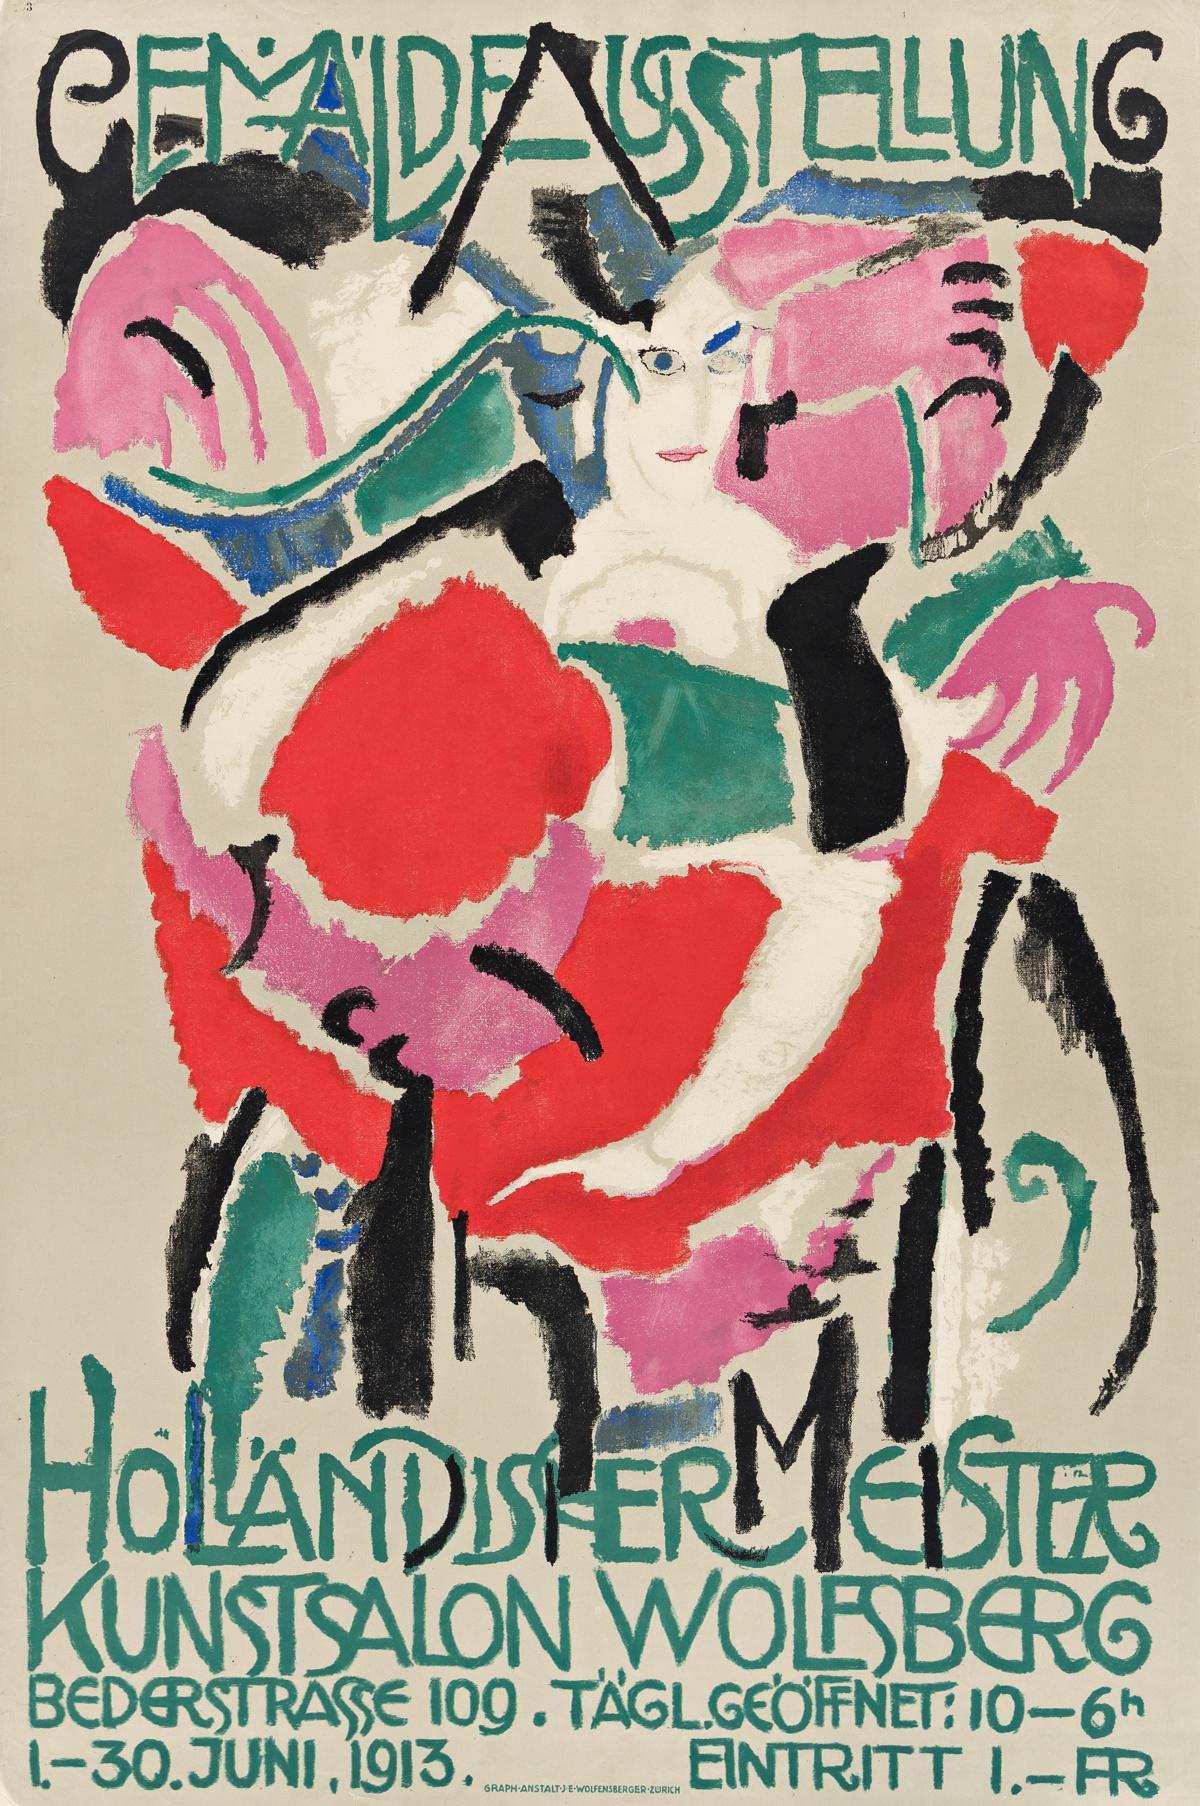 JAN SLUIJTERS (1881-1957).  GEMÄLDE AUSSTELLUNG HOLLÄNDISCHER MEISTER. 1913. 41¼x27¼ inches, 104¾x69¼ cm. J.E. Wolfensberger, Zurich.